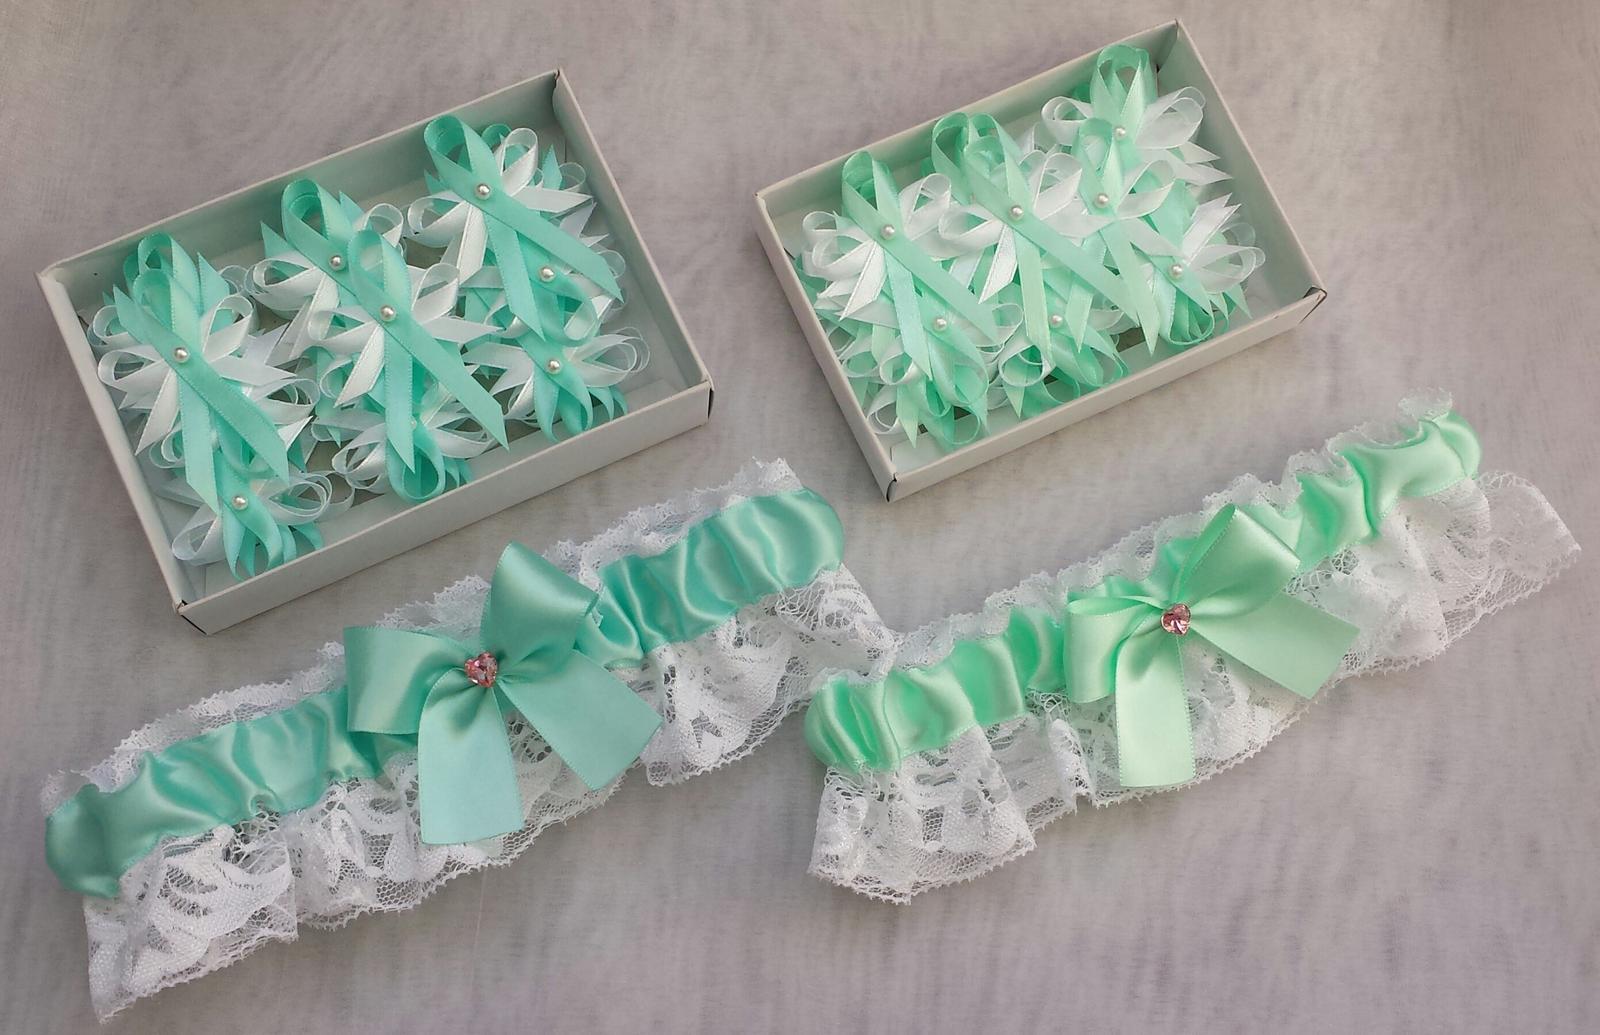 Podvazky + nově sady Swarovski podvazků - Tiffany blue a Mint sady